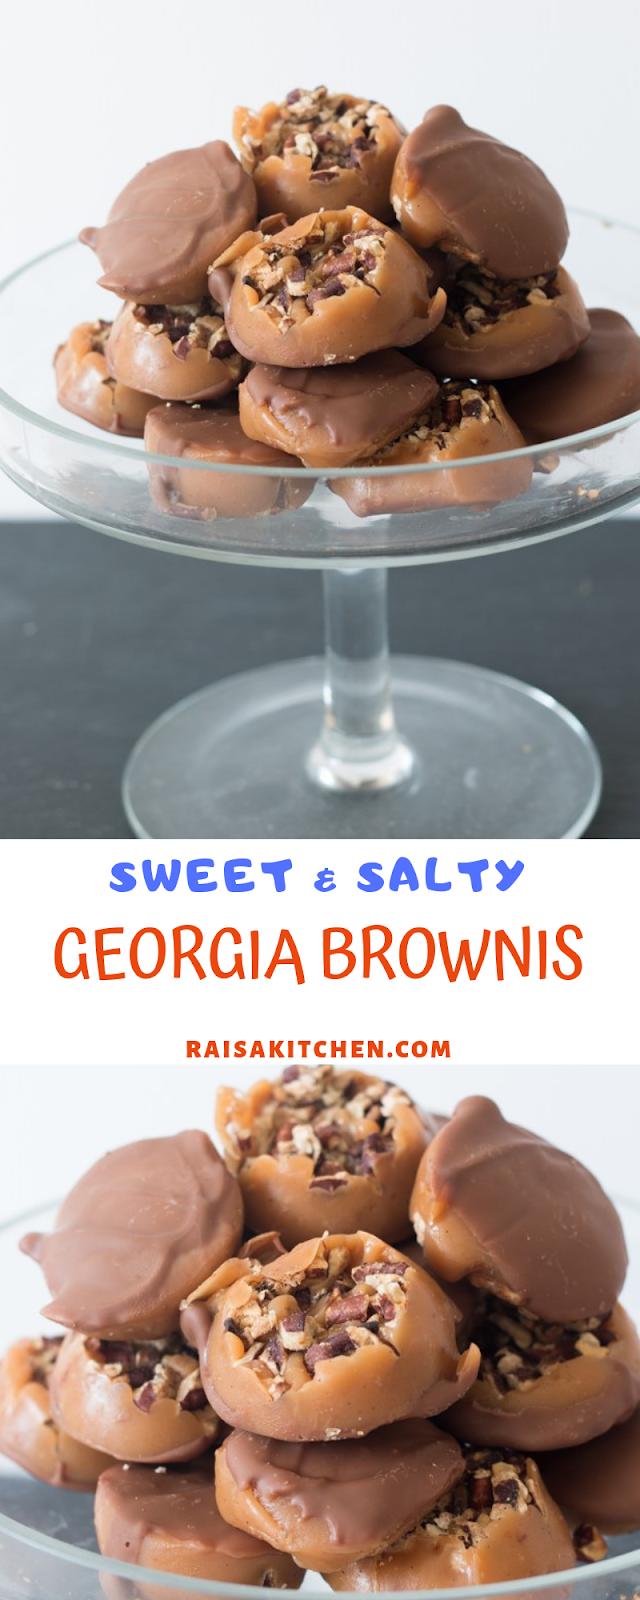 SWEET & SALTY GEORGIA BROWNS